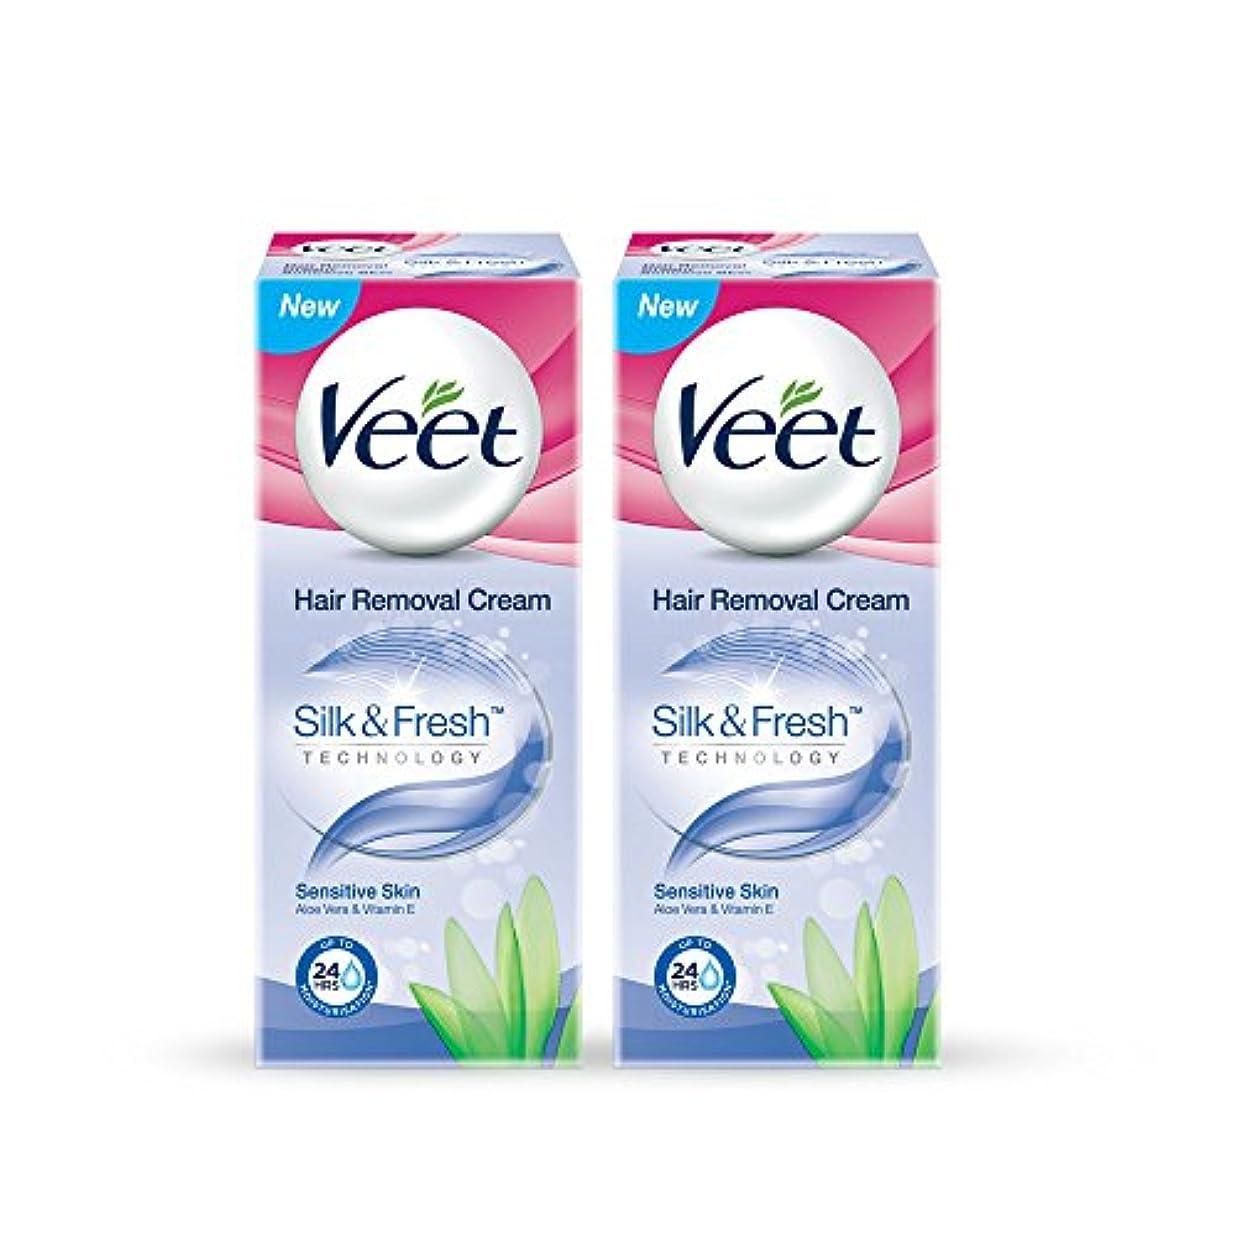 天才スキームそれに応じてVeet Hair Removal Gel Cream For Sensitive Skin With Aloe Vera and Vitamin E 25 g (Pack of 2)